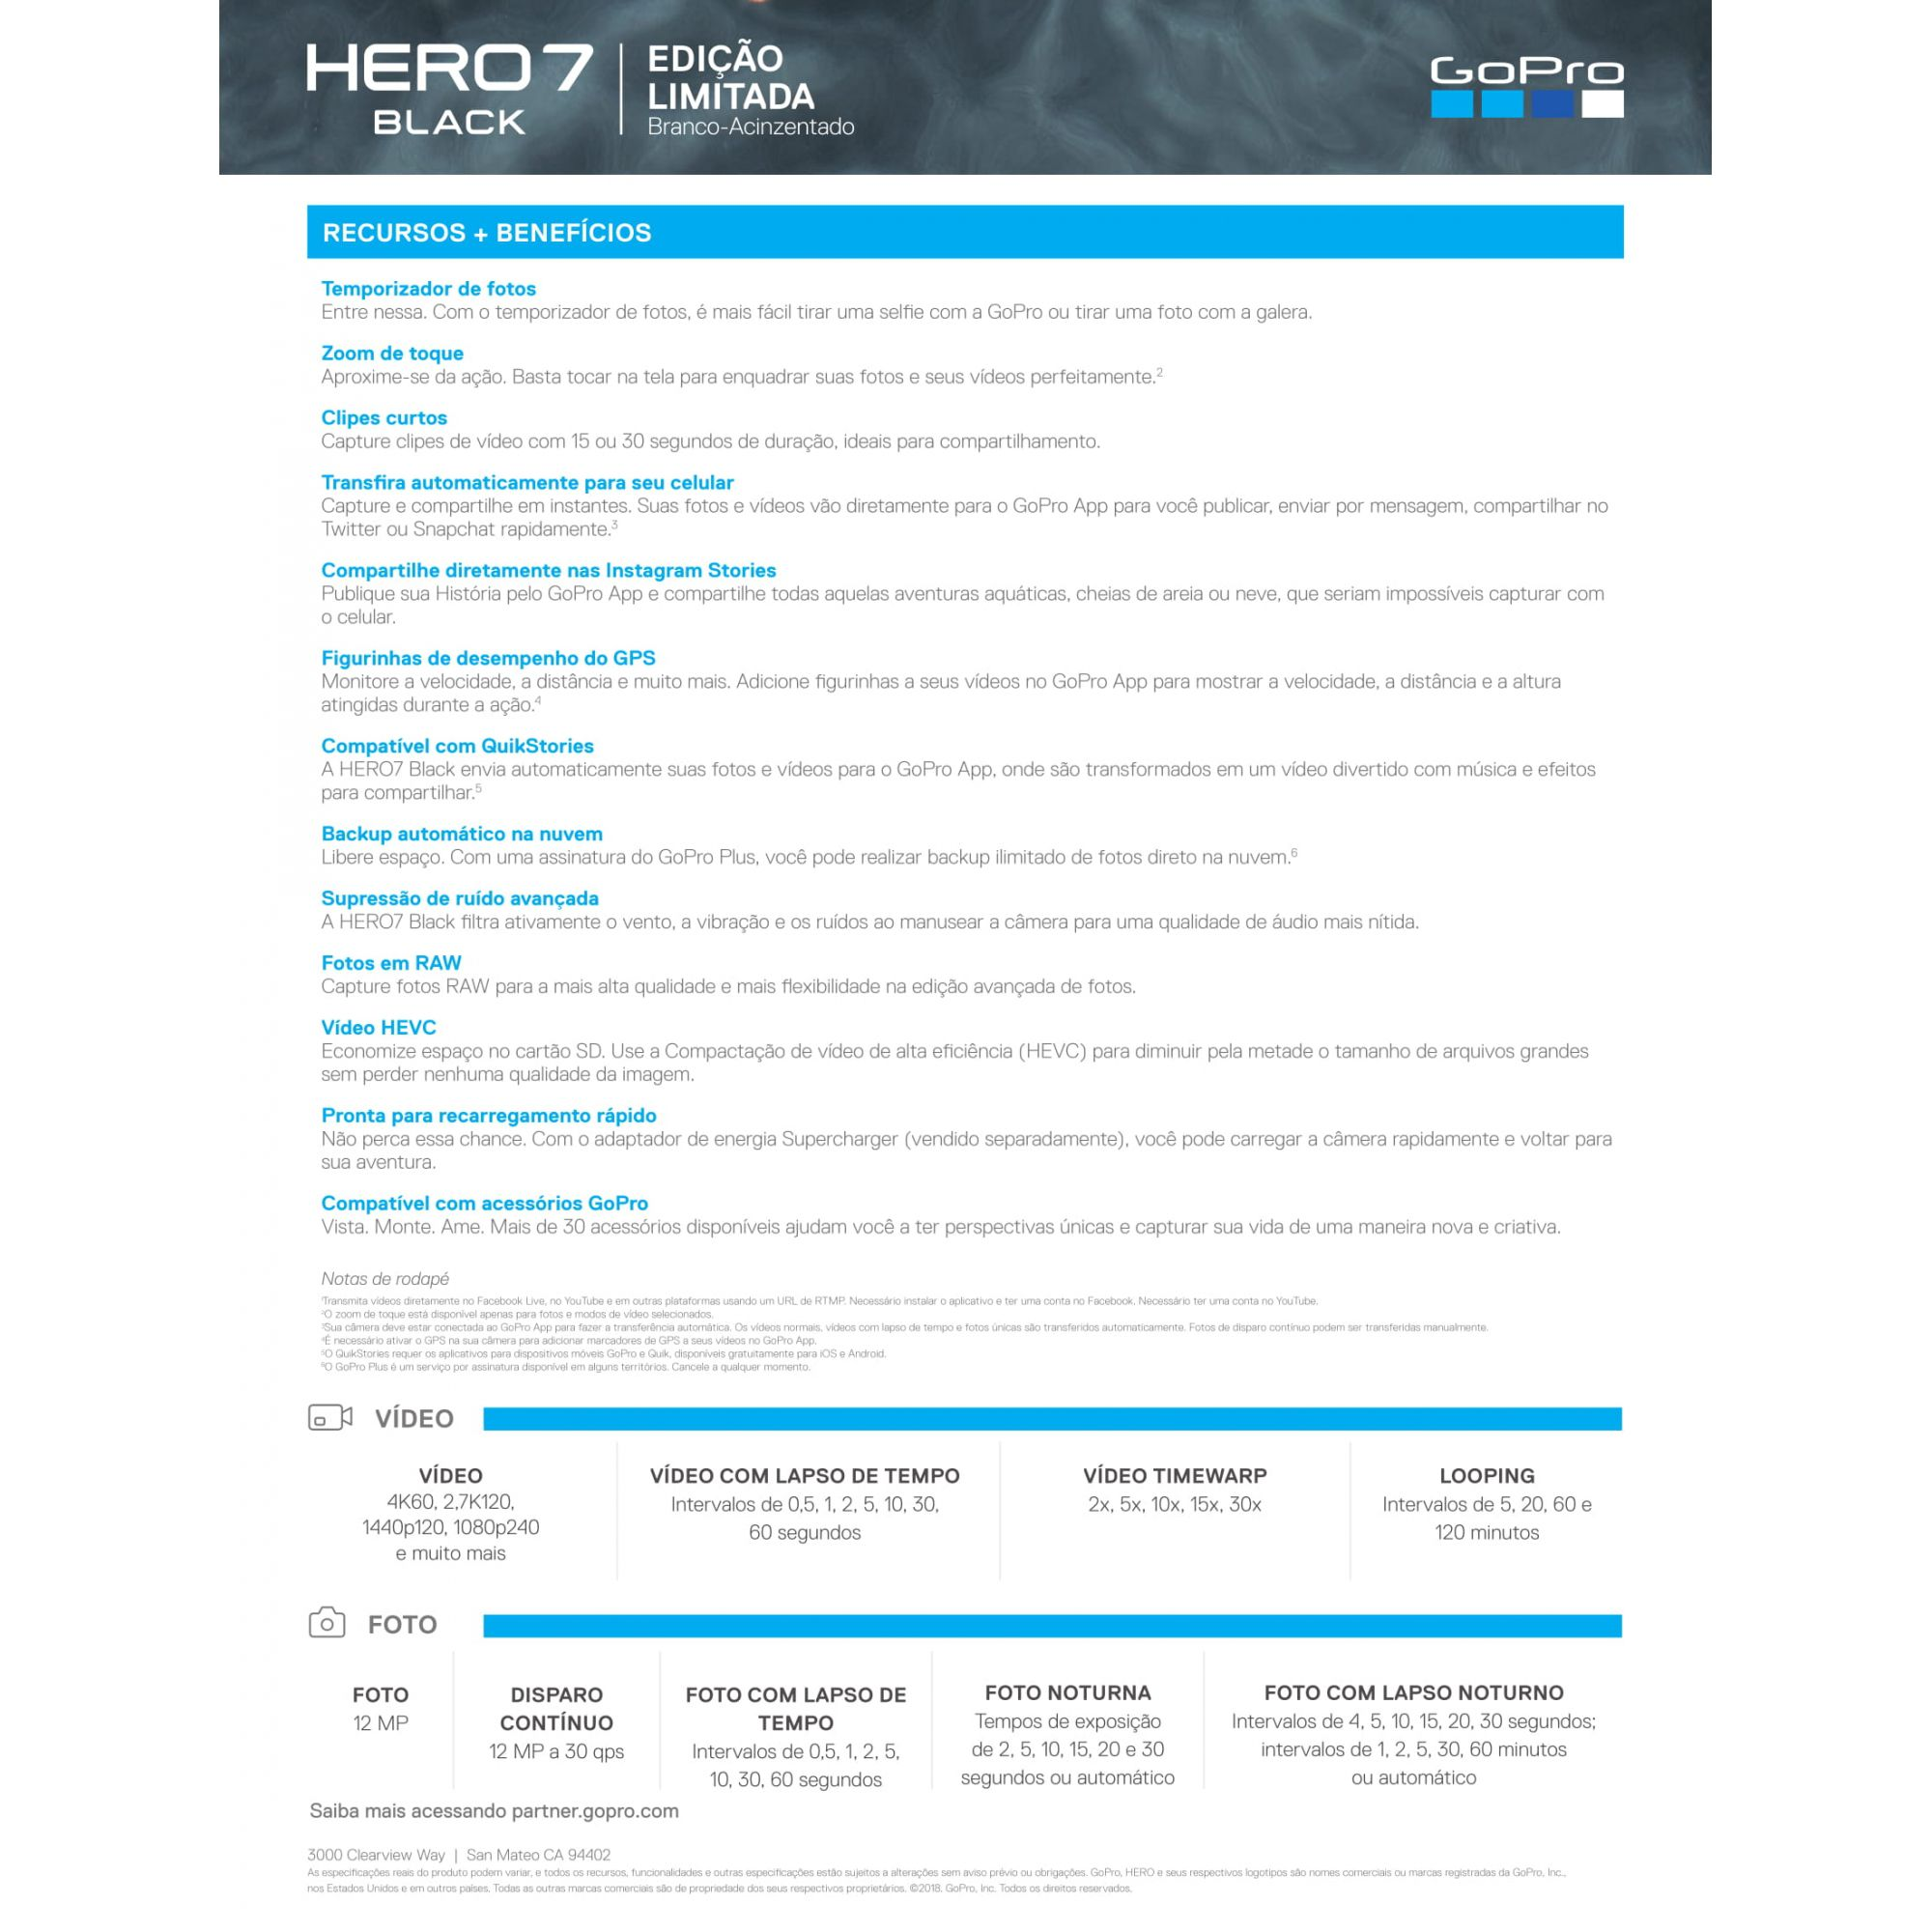 Câmera de Ação GoPro Hero 7 Black Edição Limitada - BRANCA.